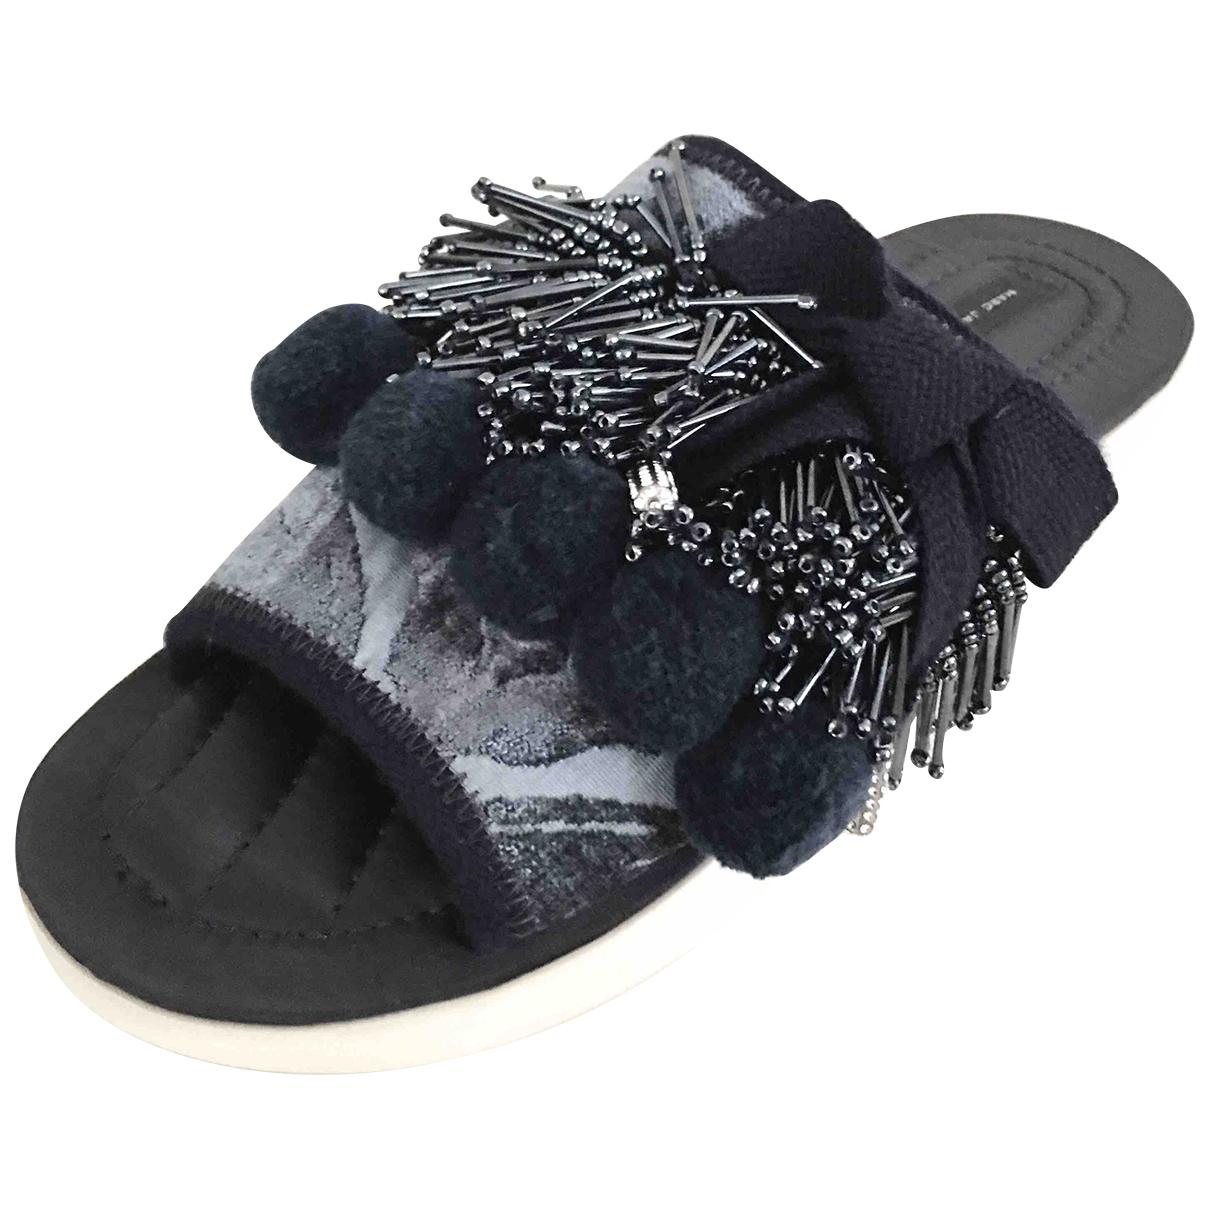 Sandalias de Lona Marc Jacobs